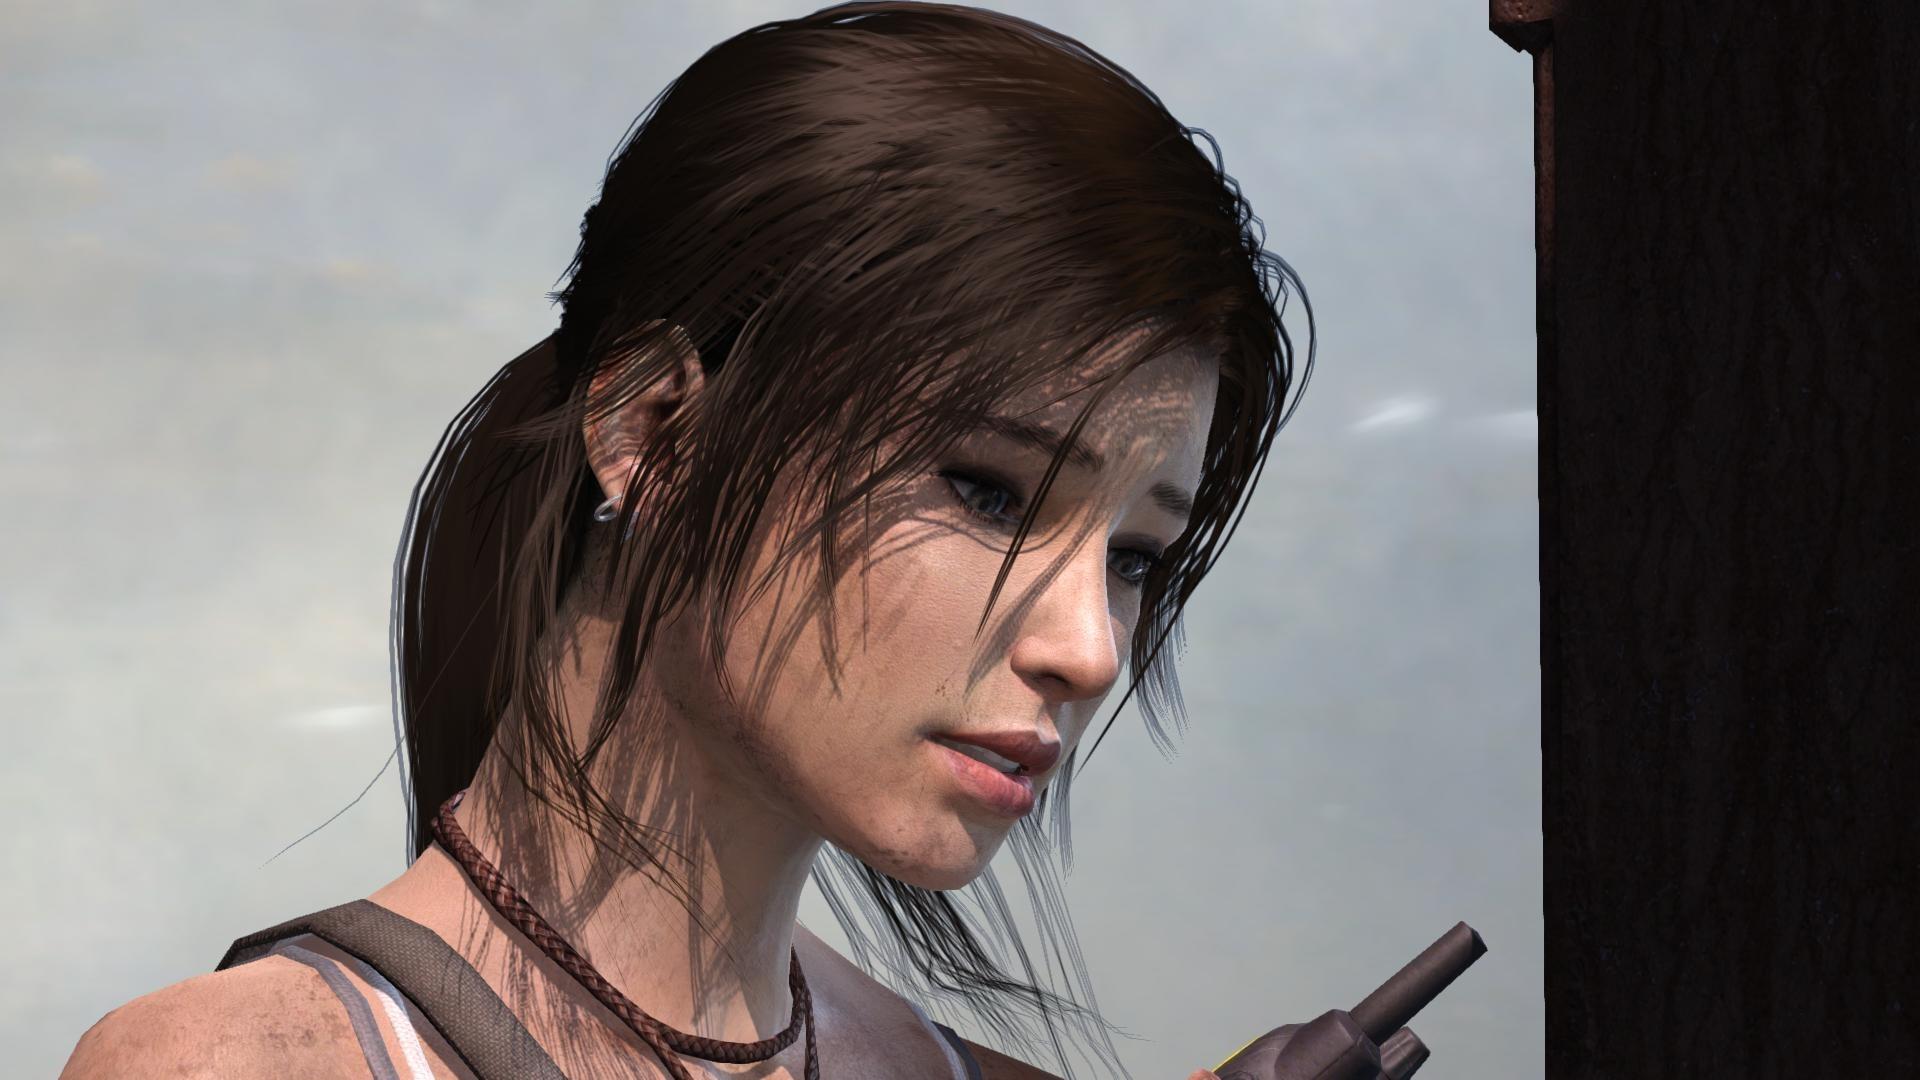 Lara croft hair cartoon movie